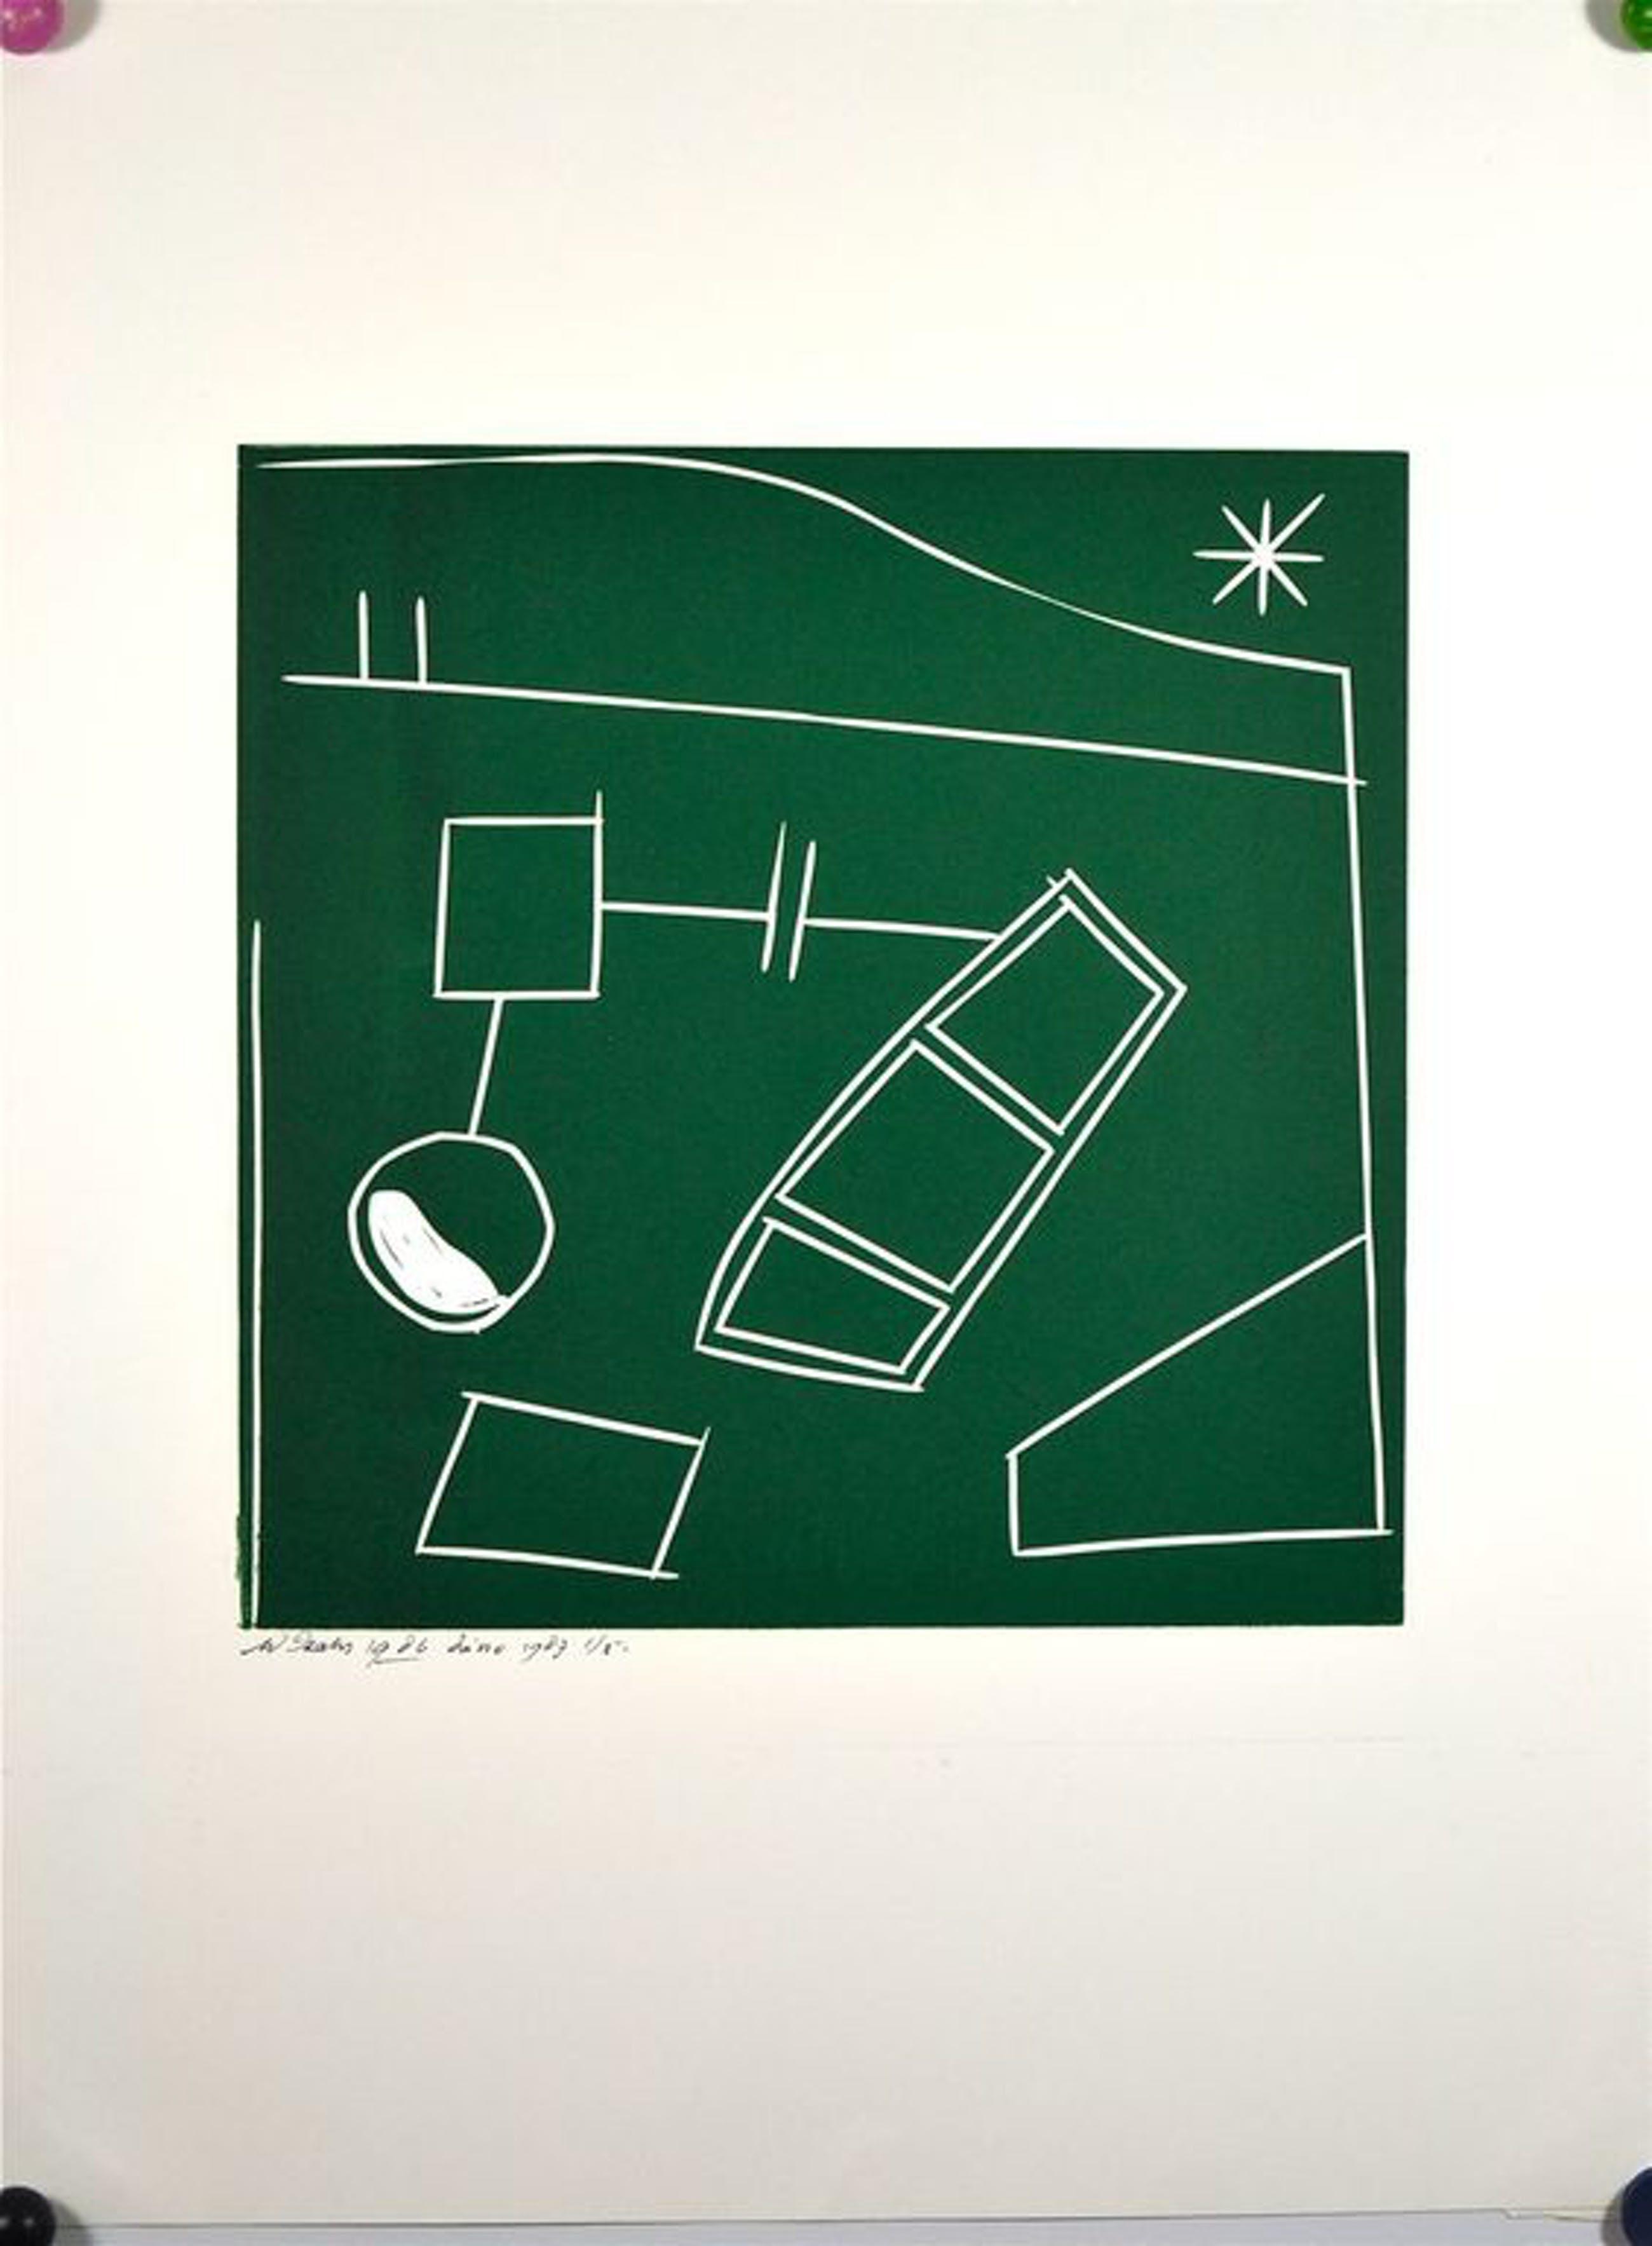 Wim Izaks: Linosnede. Abstracte compositie kopen? Bied vanaf 70!